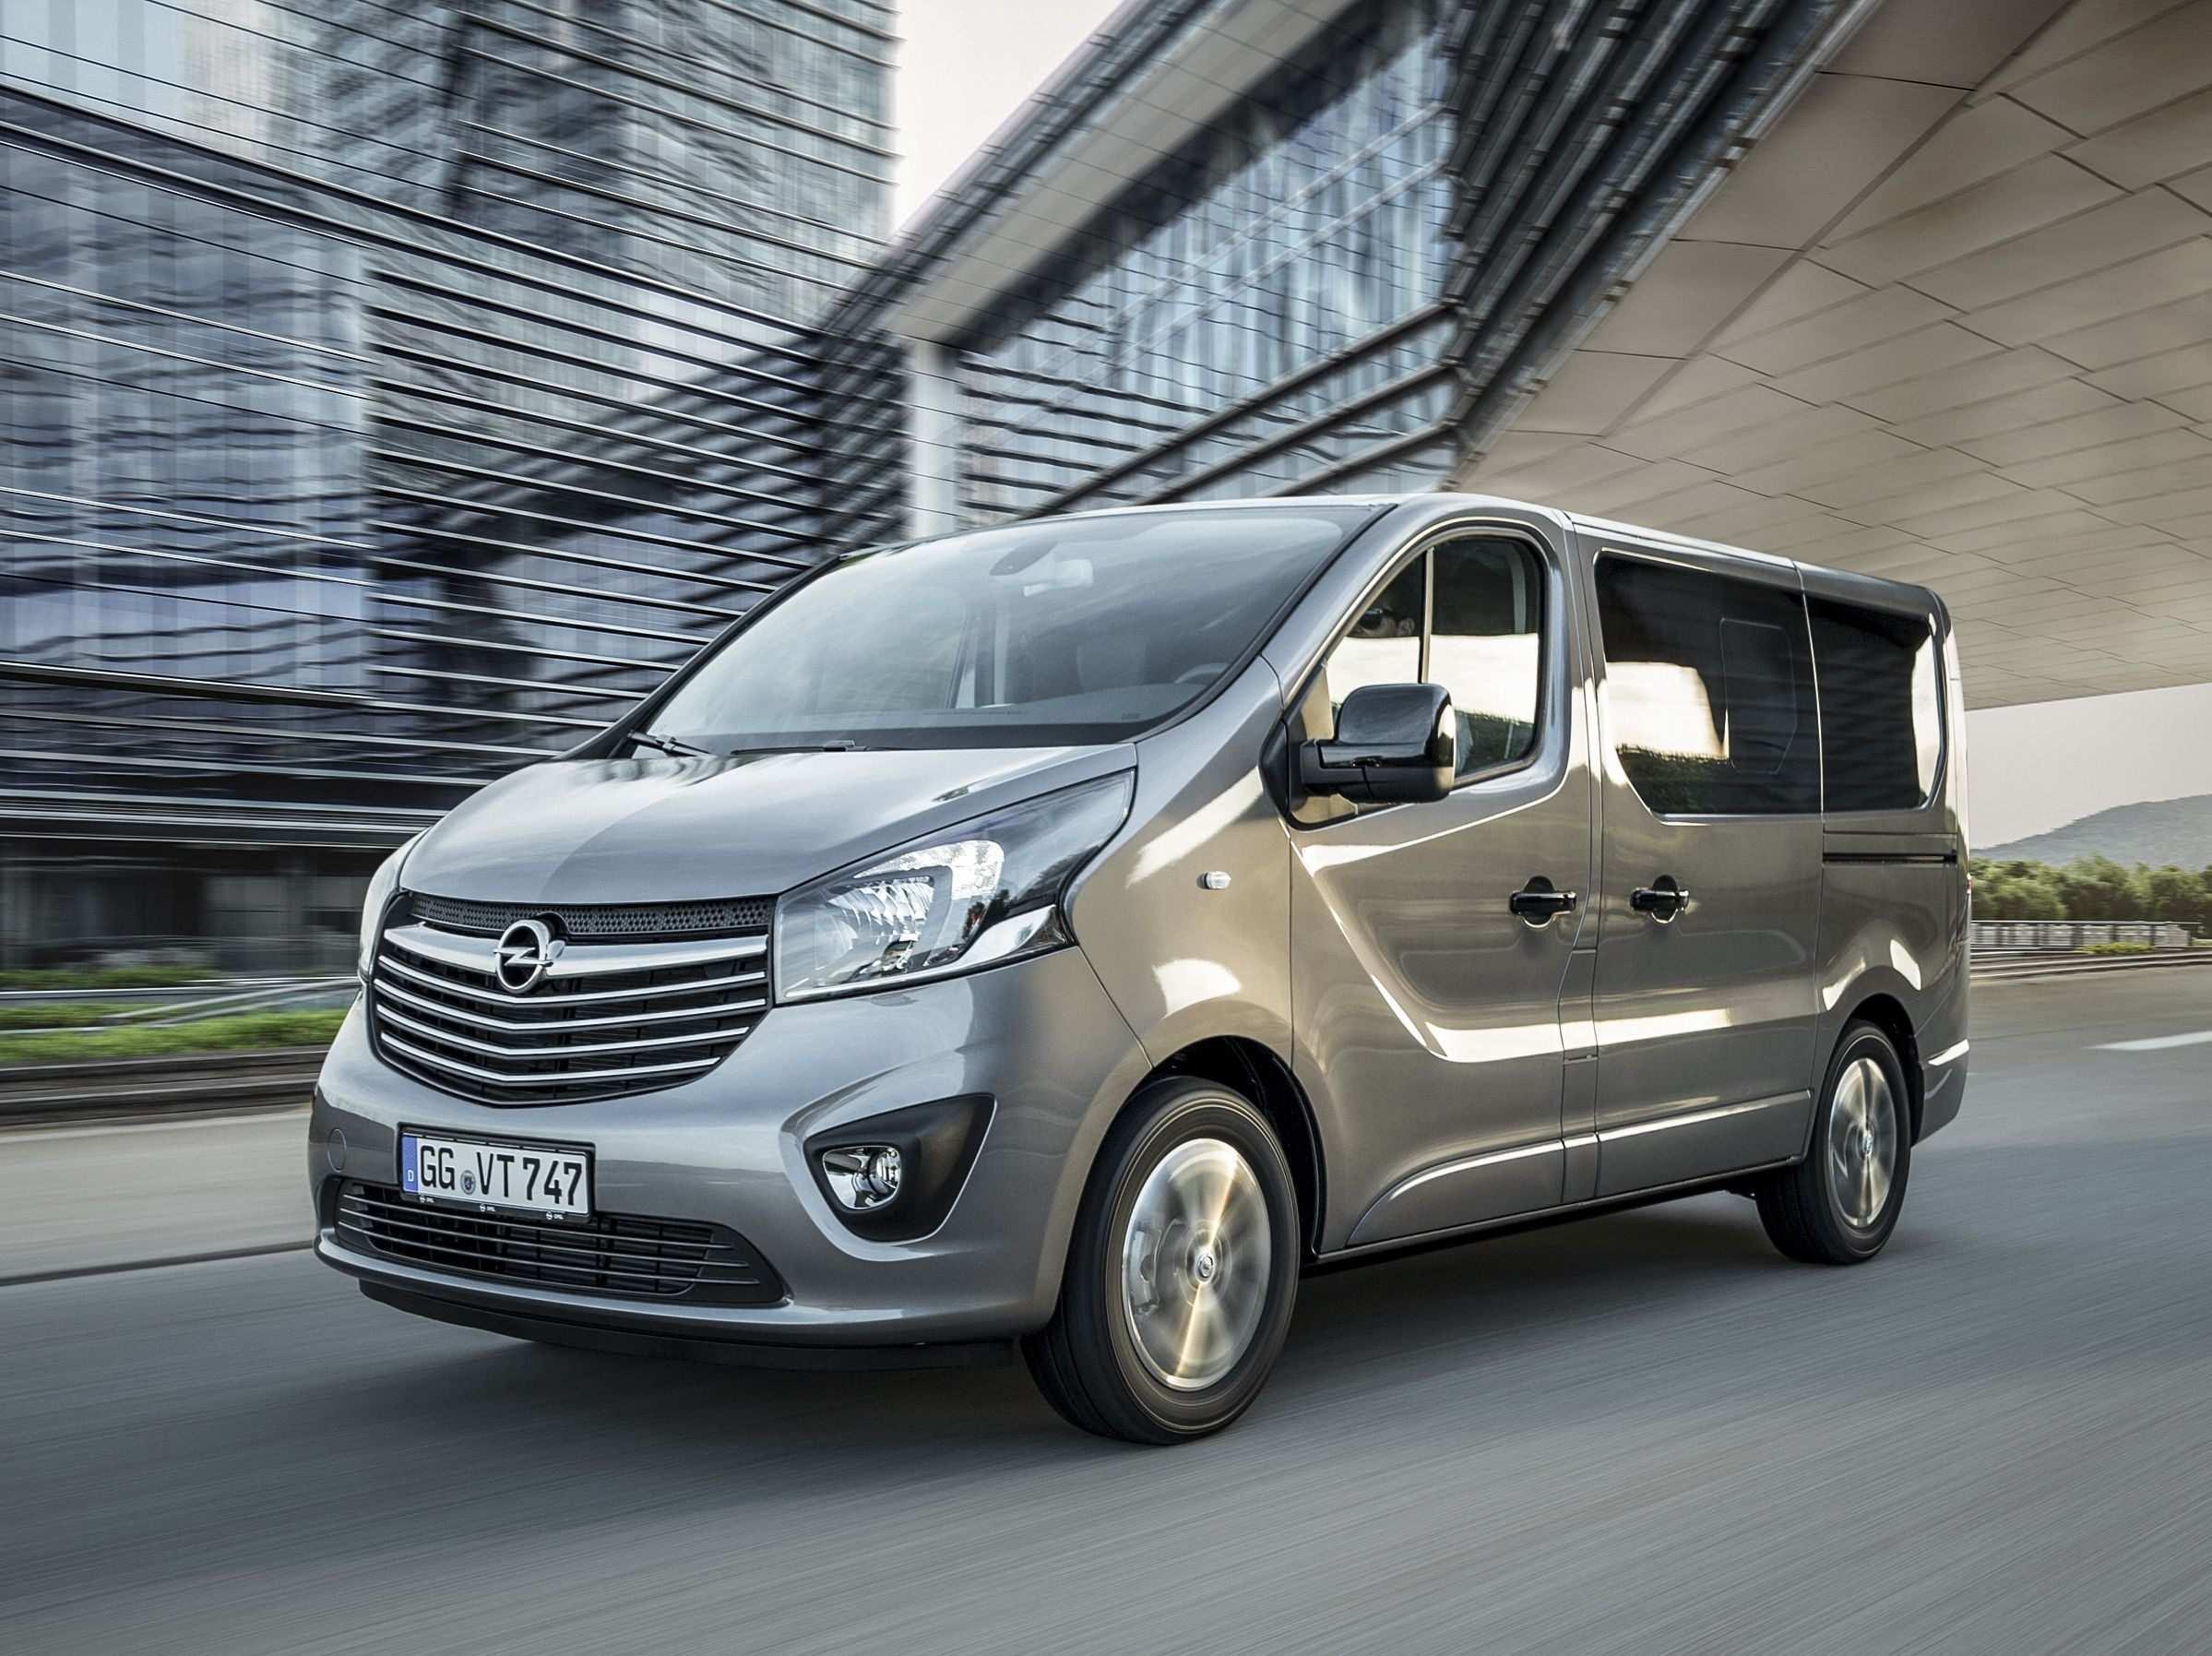 84 All New Opel Vivaro 2020 Pictures for Opel Vivaro 2020